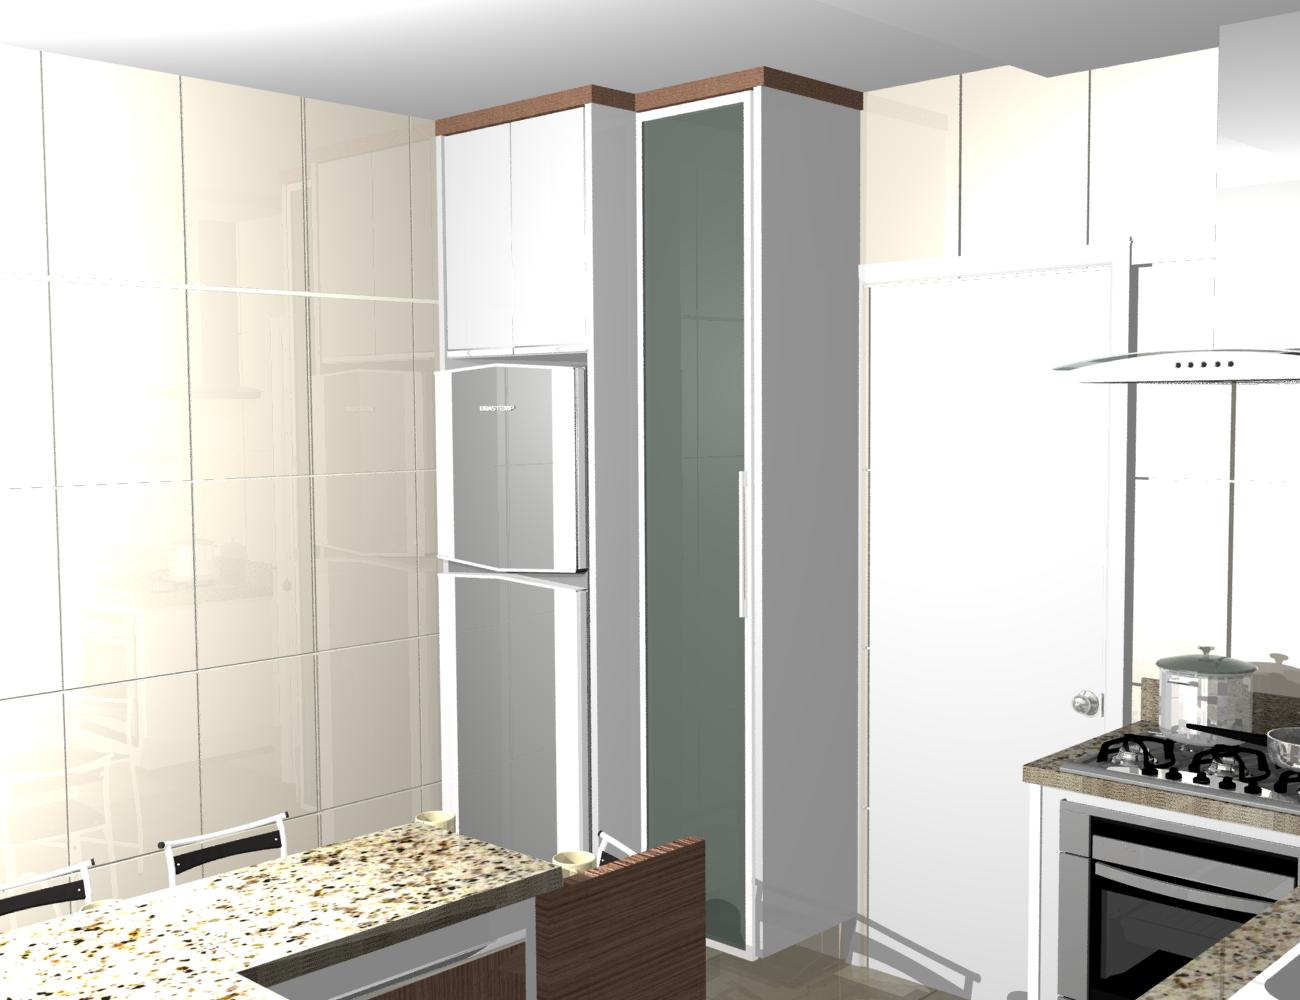 para cozinhas pias para cozinhas revestimento para cozinhas cozinhas #5C4C41 1300 1000